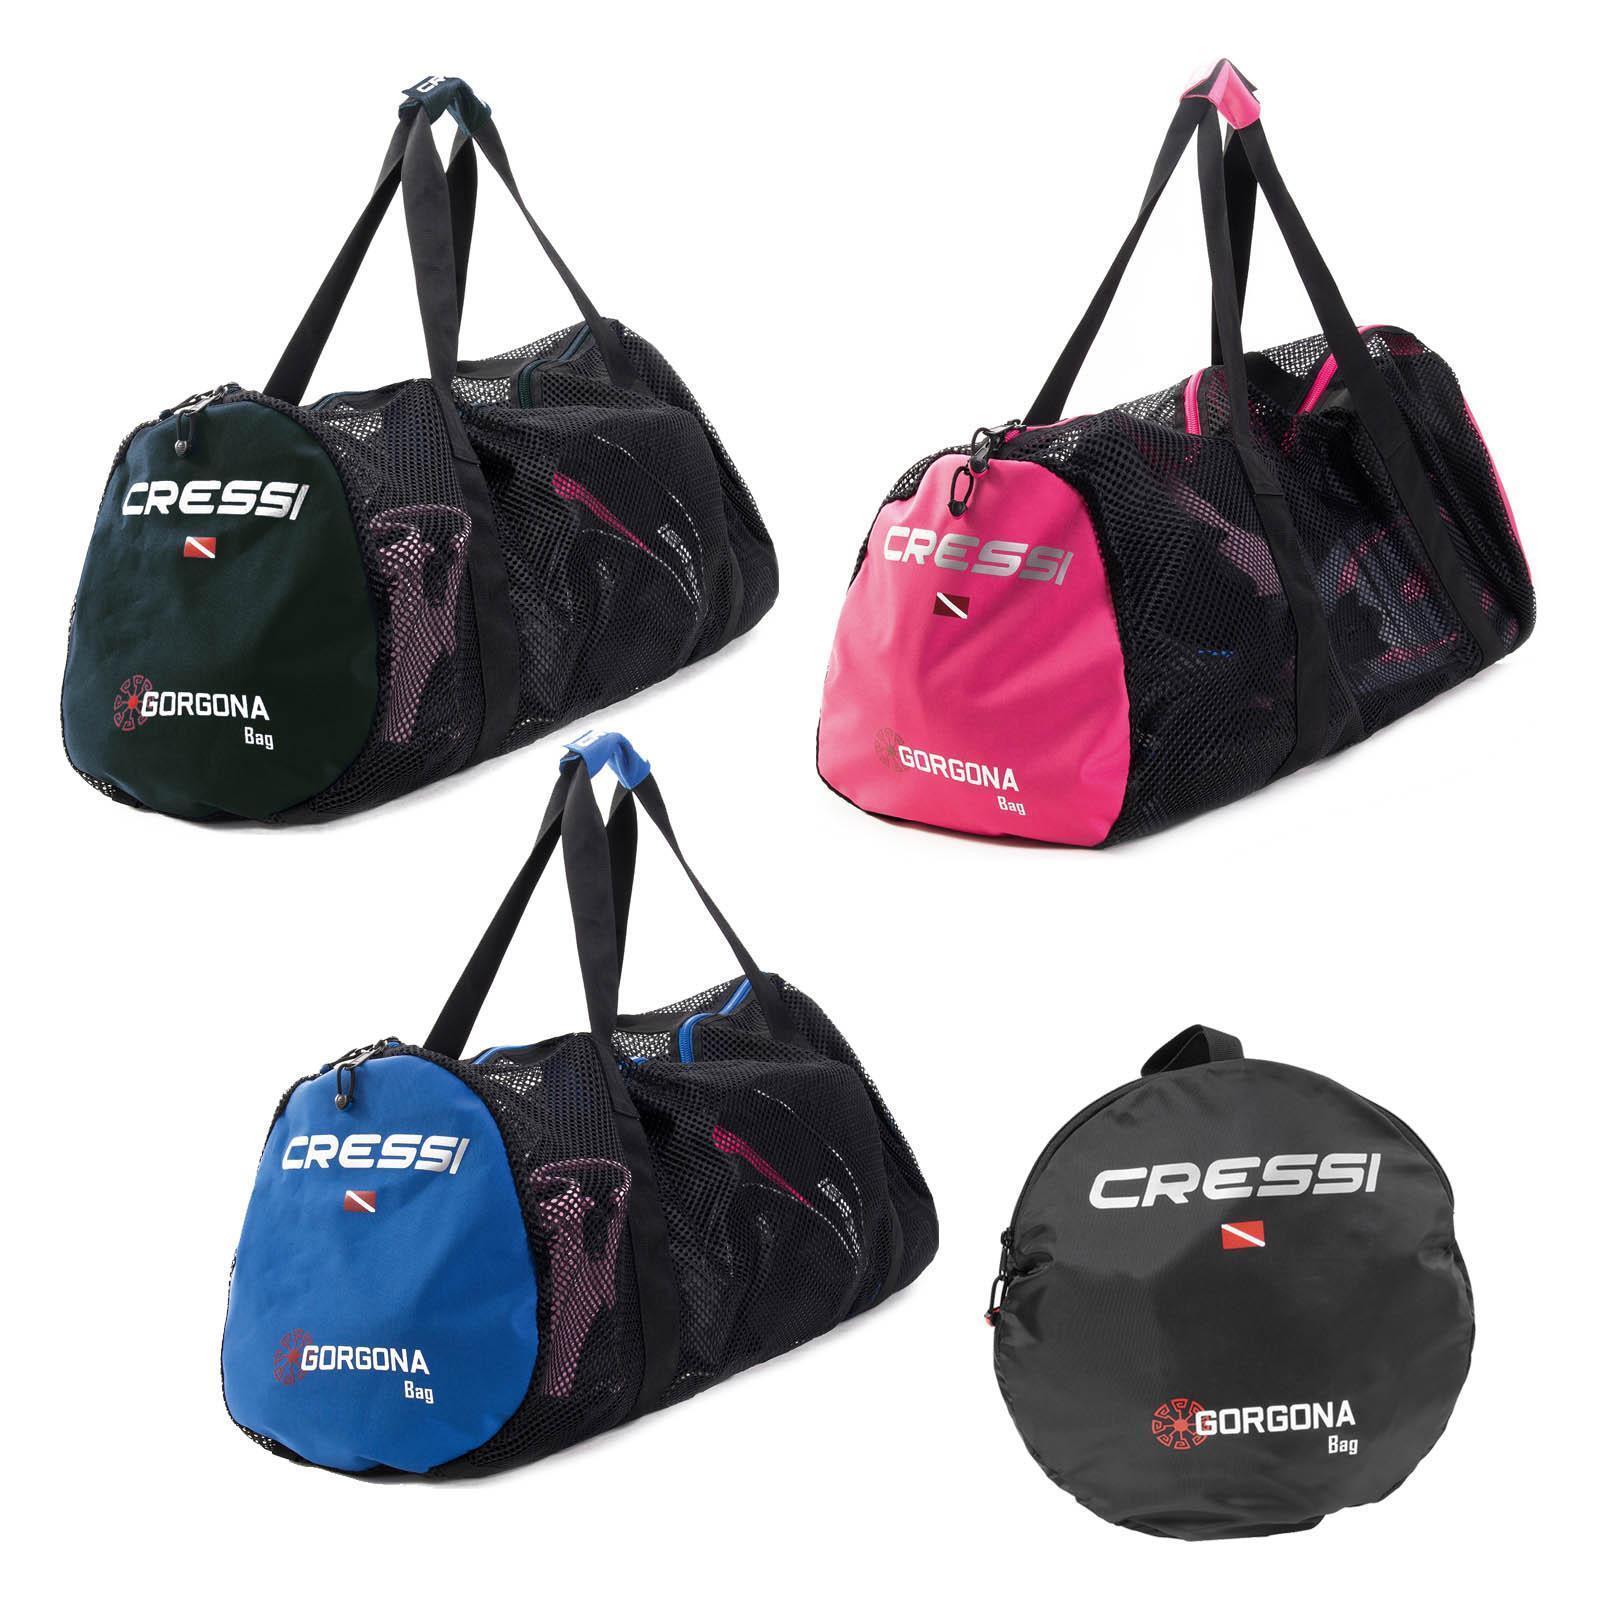 Cressi Gorgona Bag - Netztasche für Tauch-und Schnorchelausrüstung